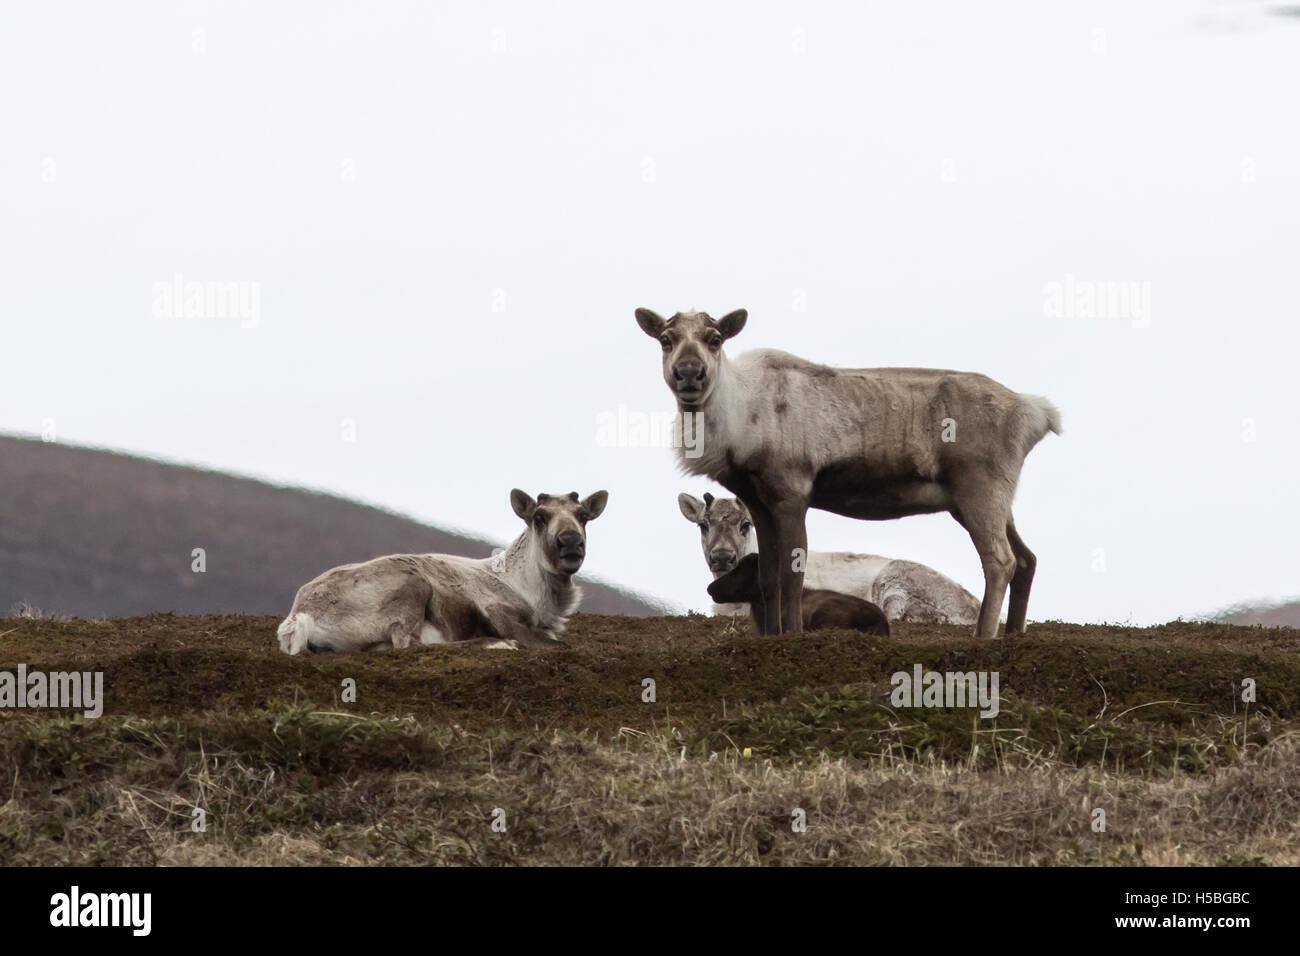 Gruppo wild renne nella tundra in primavera in un giorno nuvoloso Immagini Stock